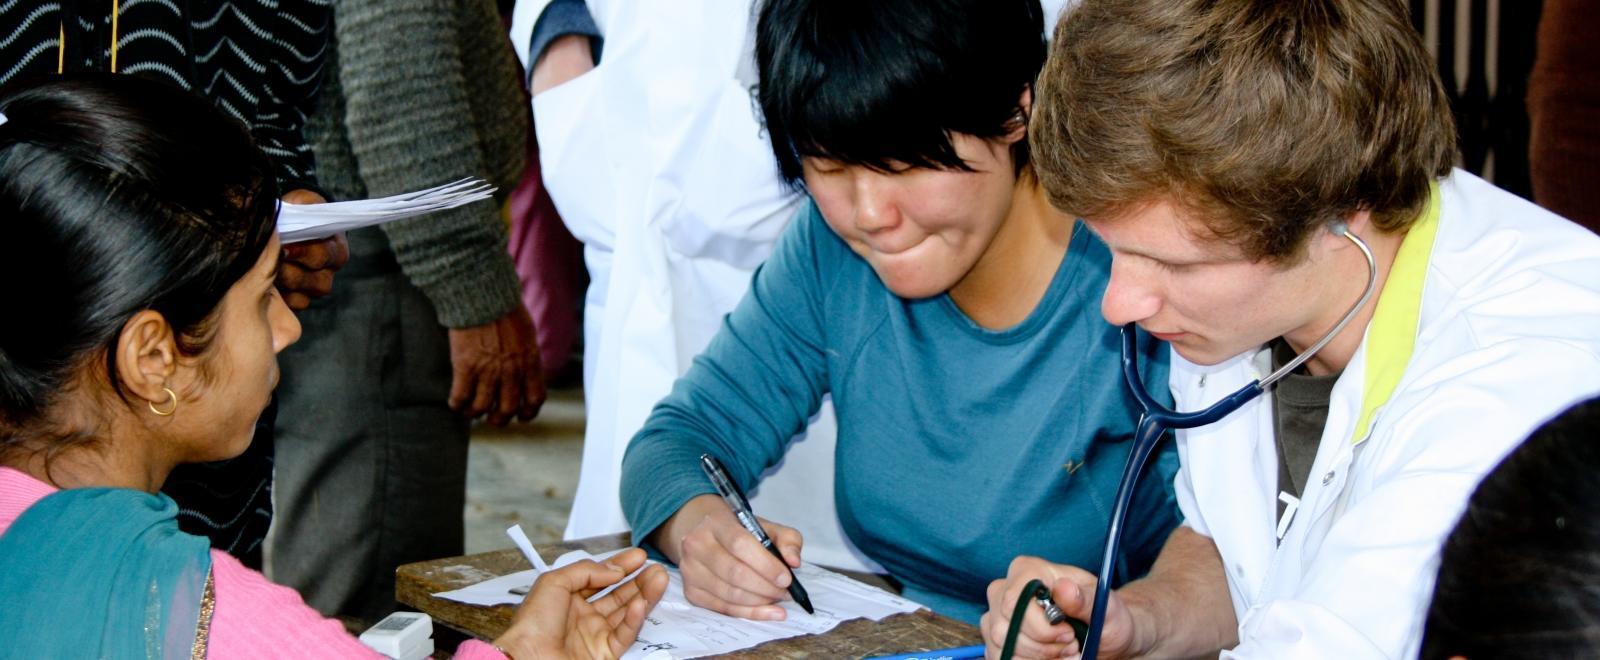 Internos de Medicina en Nepal ayudan a realizar chequeos de salud.